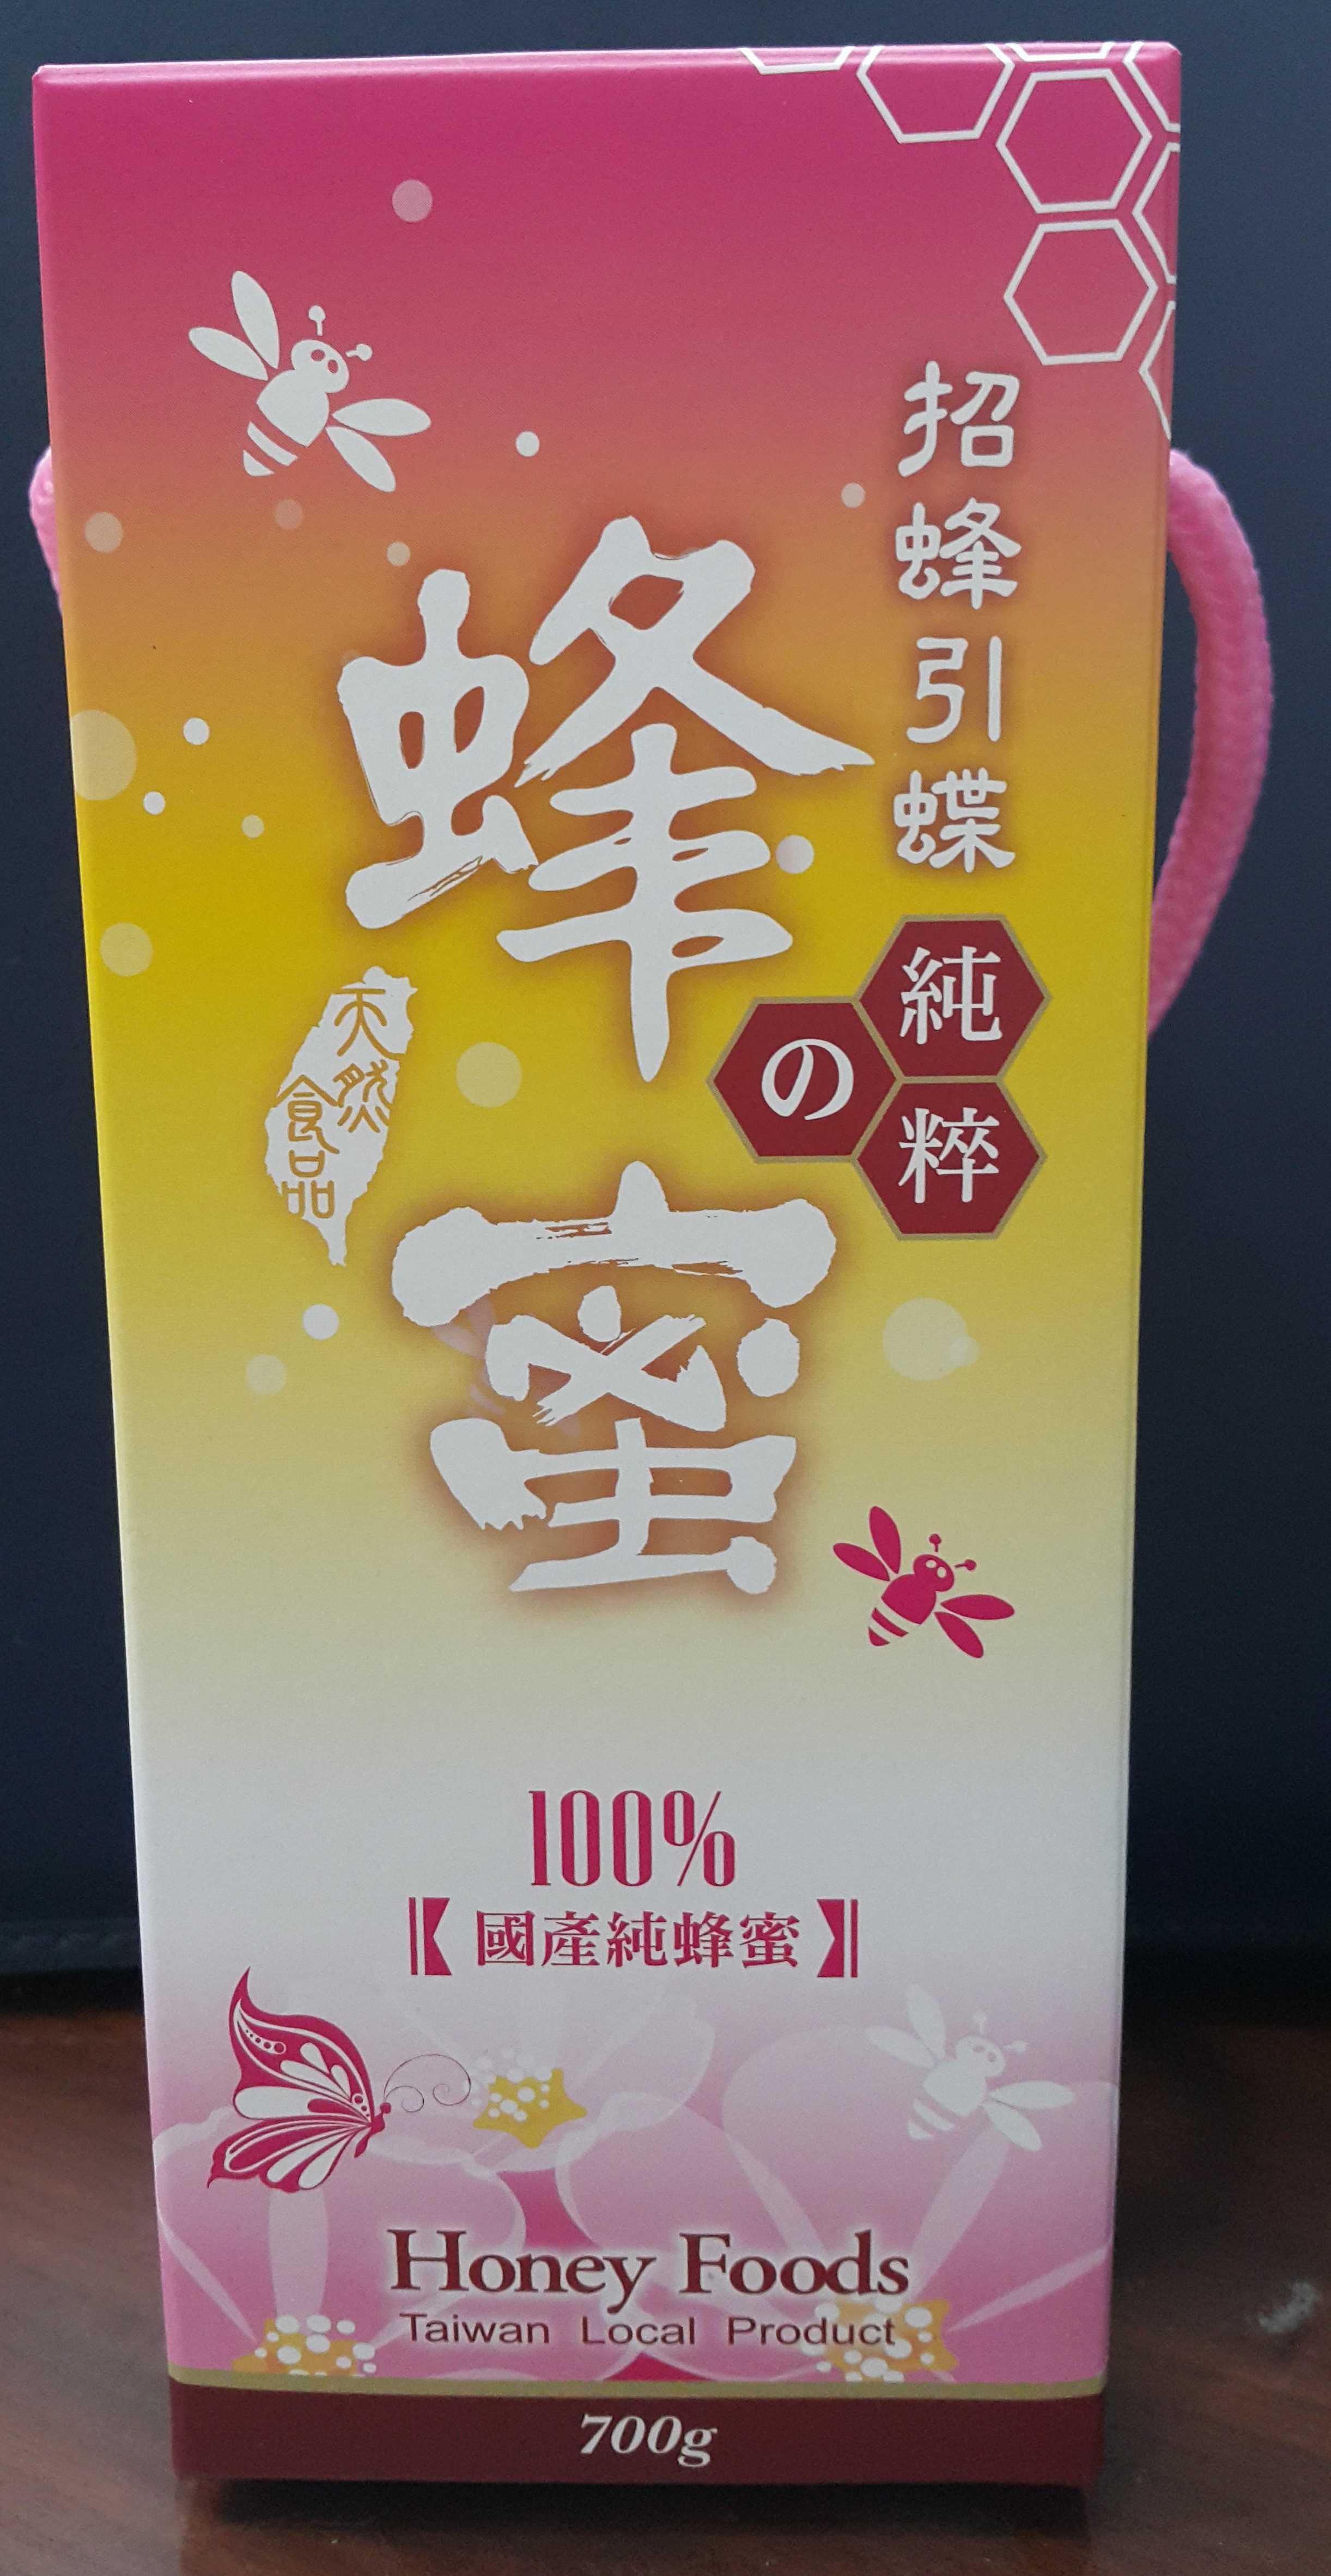 2016新品招蜂引蝶-國產認證龍眼蜂蜜『單瓶裝』